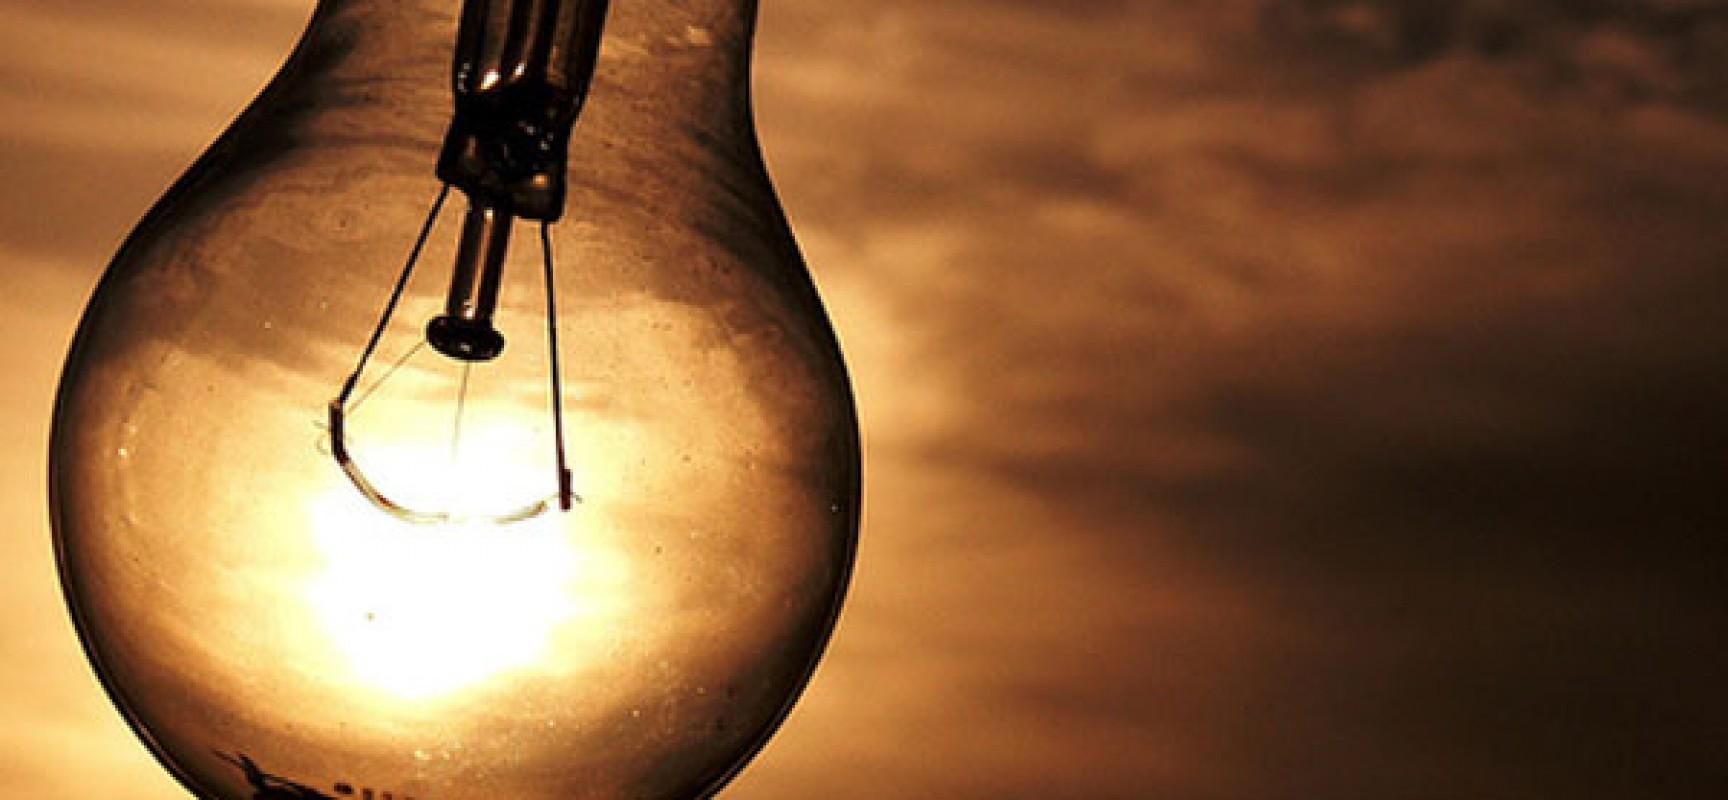 Domicílios rurais de Novo Progresso serão beneficiados pelo Programa Luz para Todos